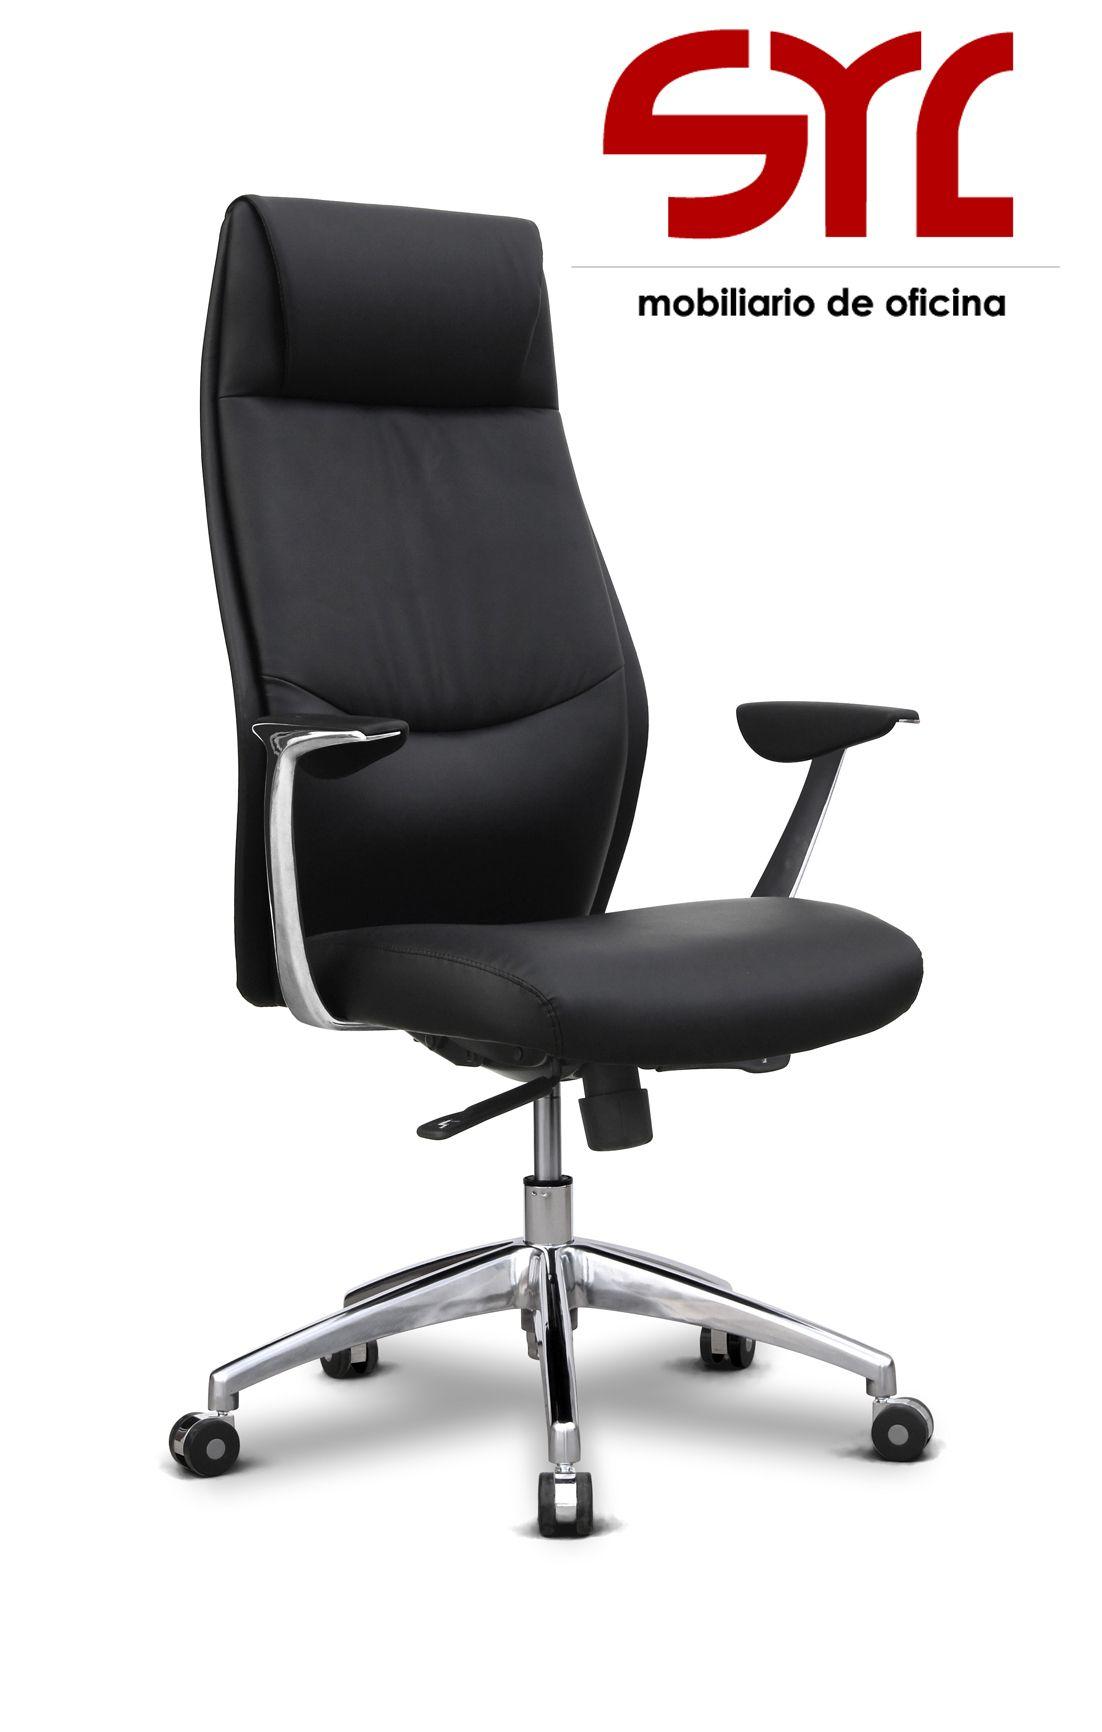 Mobiliario de oficina tienda online muebles syl for Mobiliario de oficina asturias